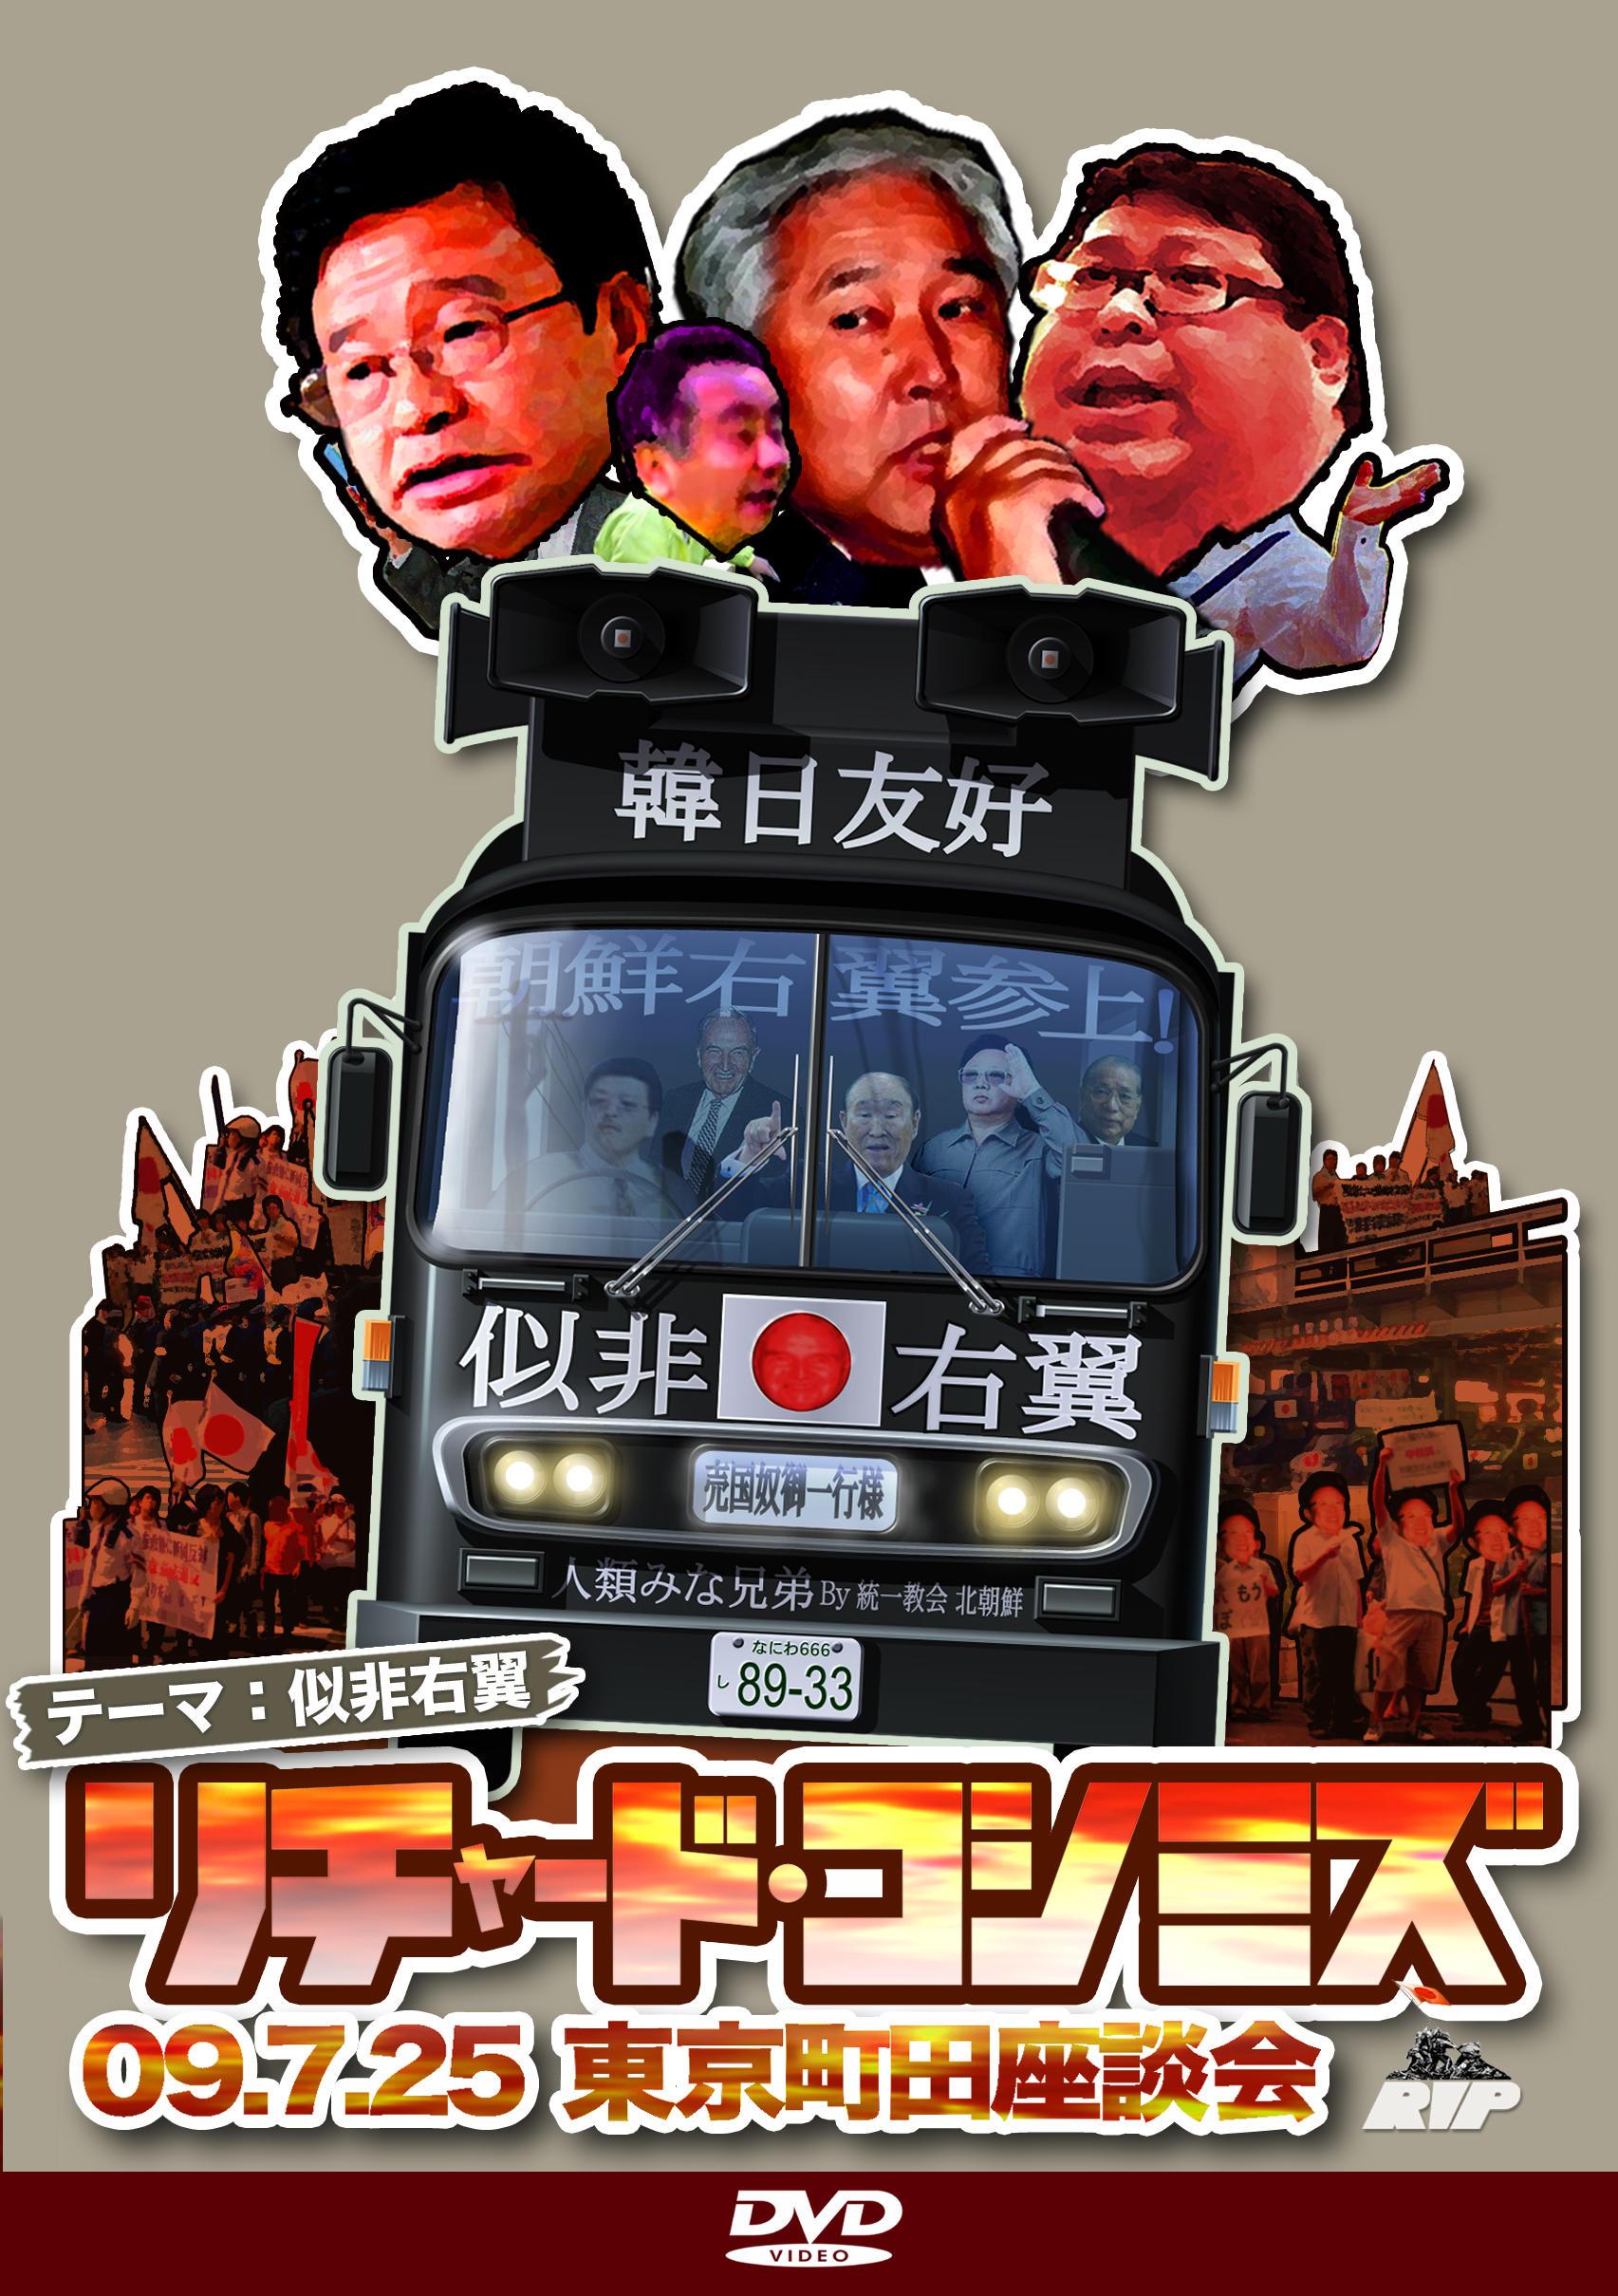 リチャード・コシミズ旧作DVDの宣伝: 09.07.25 東京町田座談会 「似非右翼」